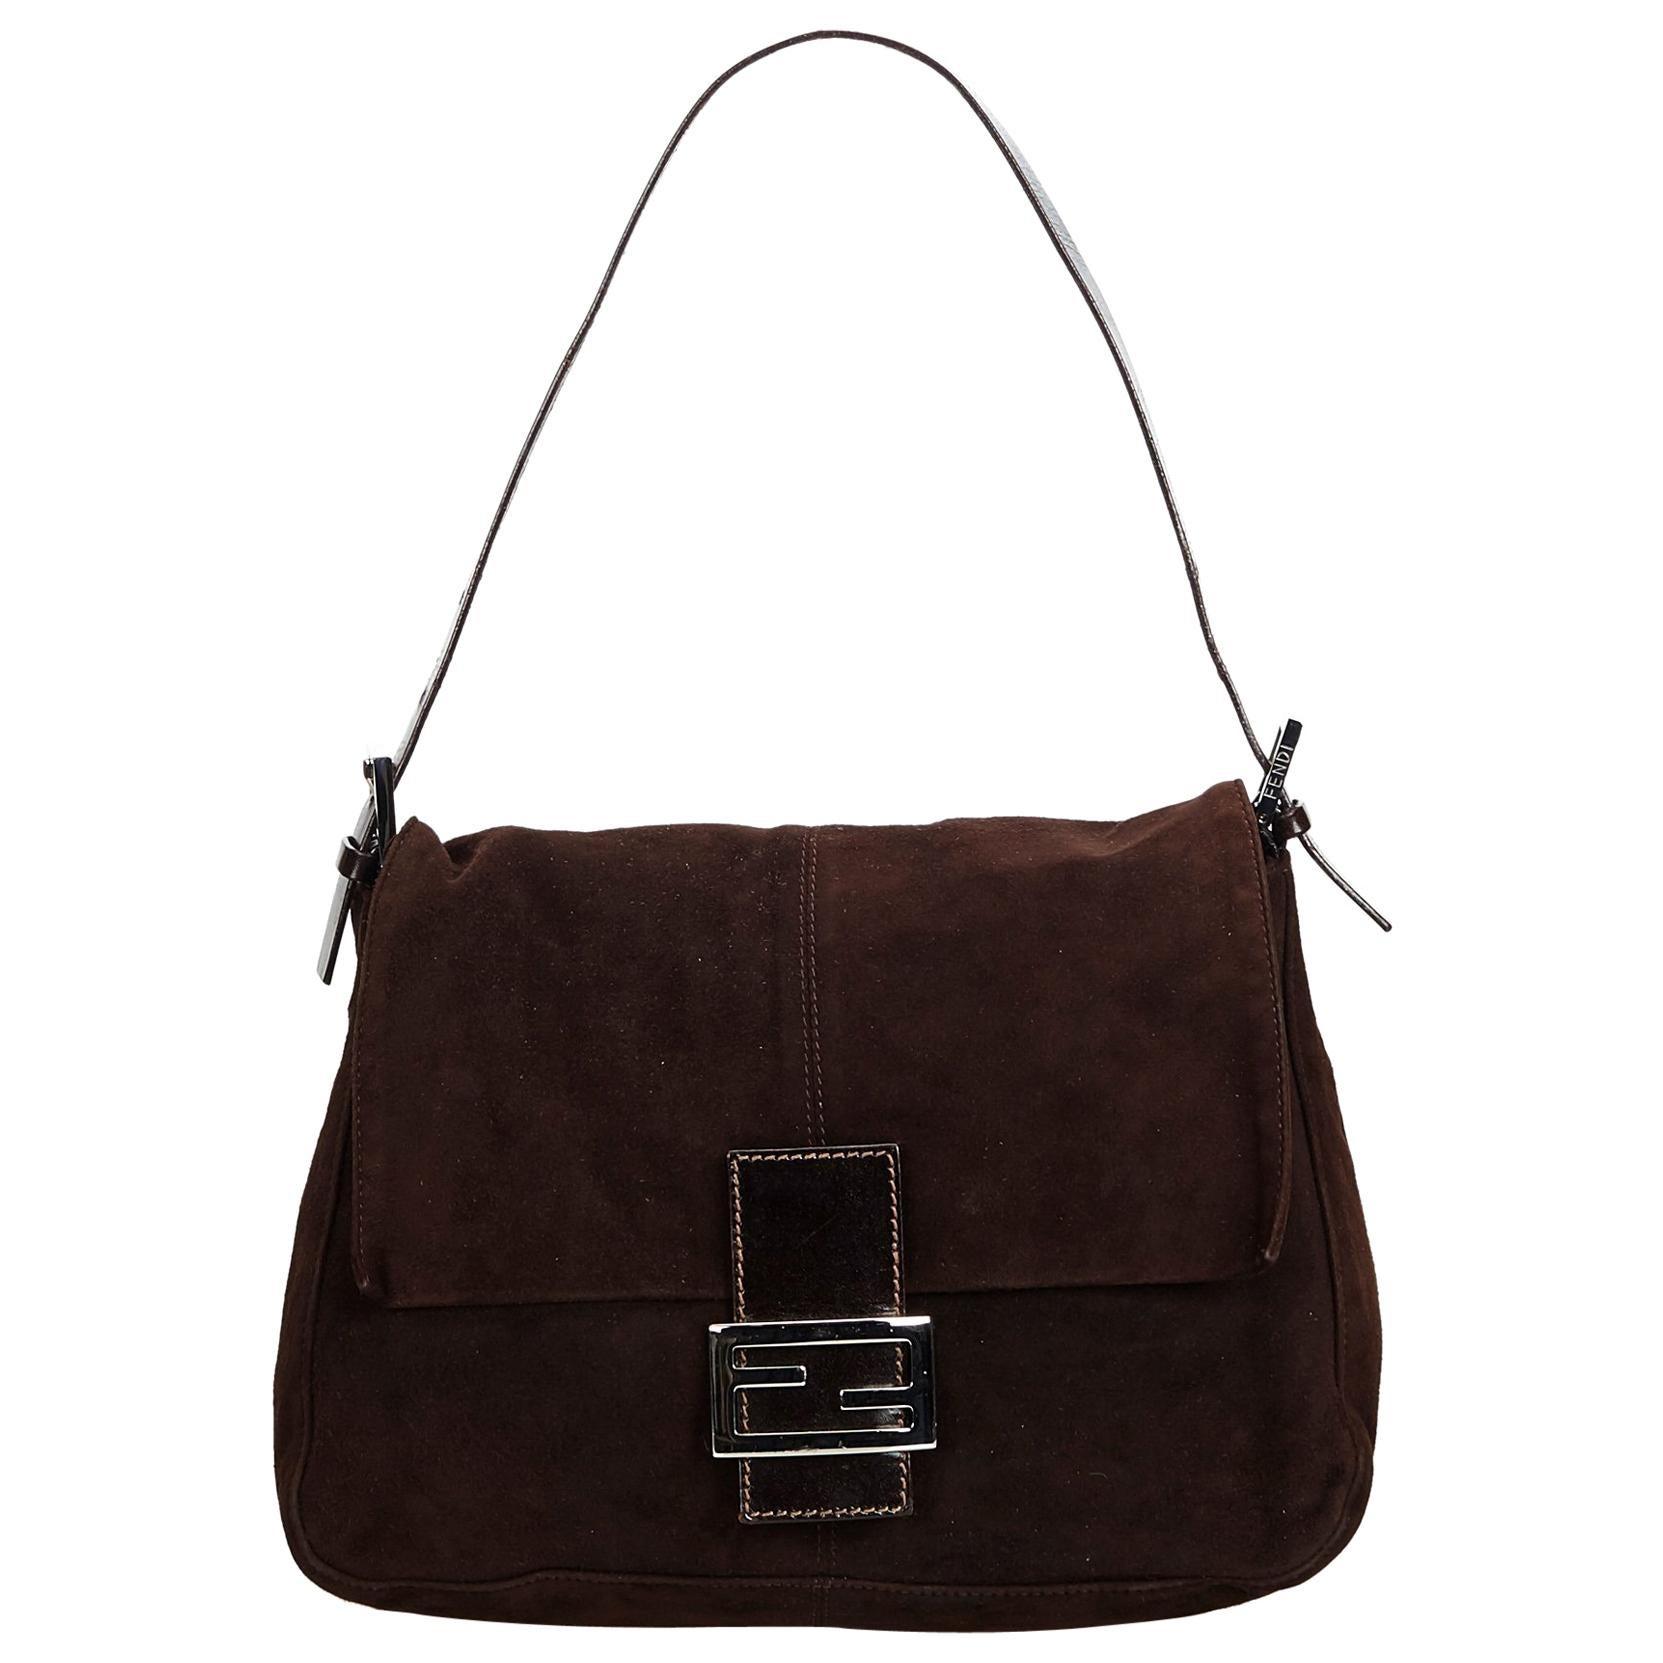 870165cddb23 Vintage Fendi Shoulder Bags - 410 For Sale at 1stdibs